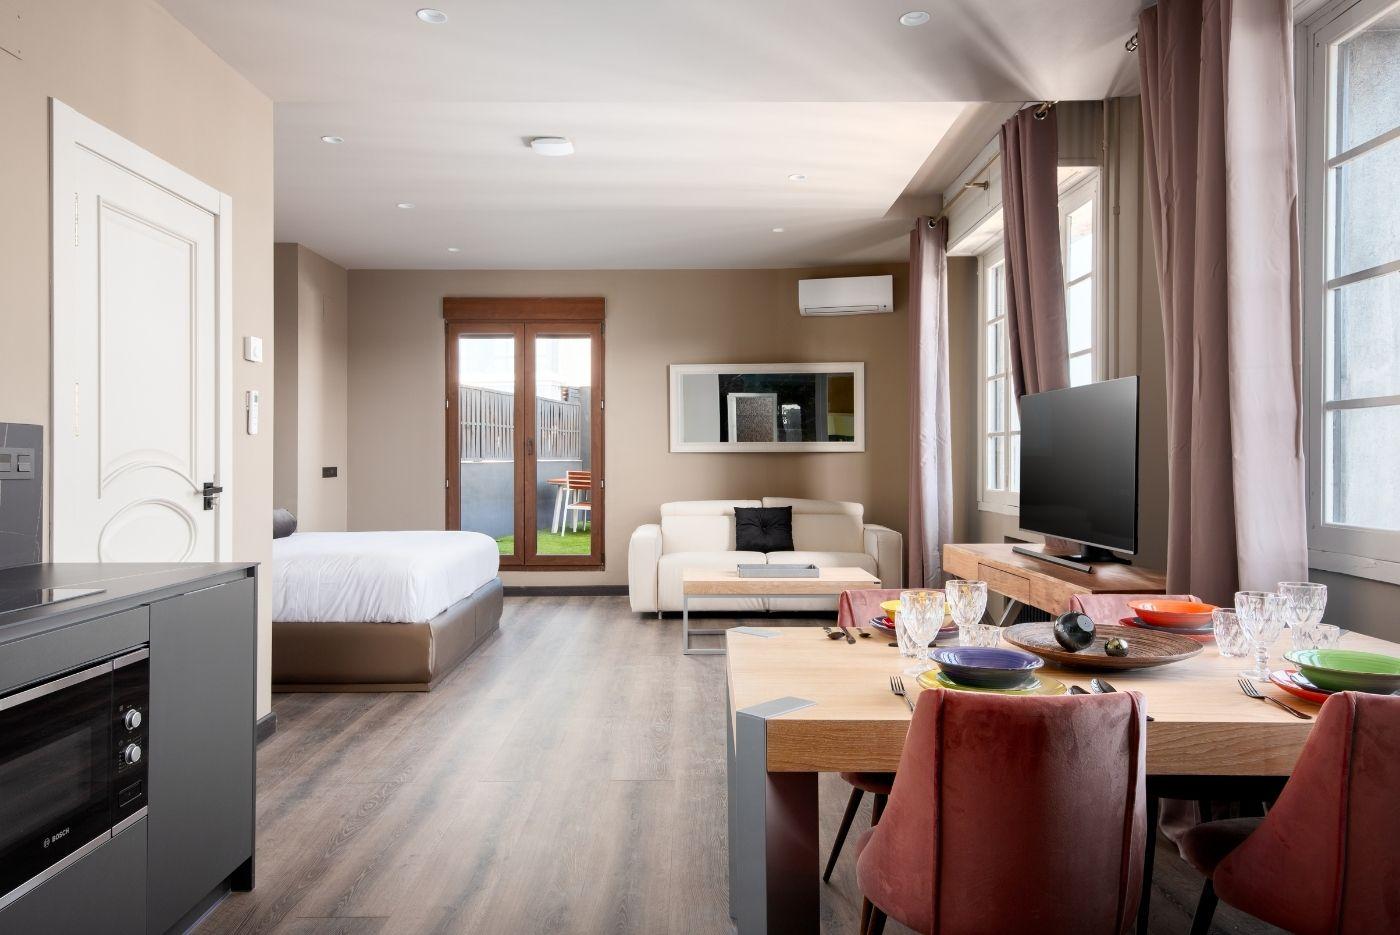 Apartamento-Atico-Premium-65-Oviedo-1907-02